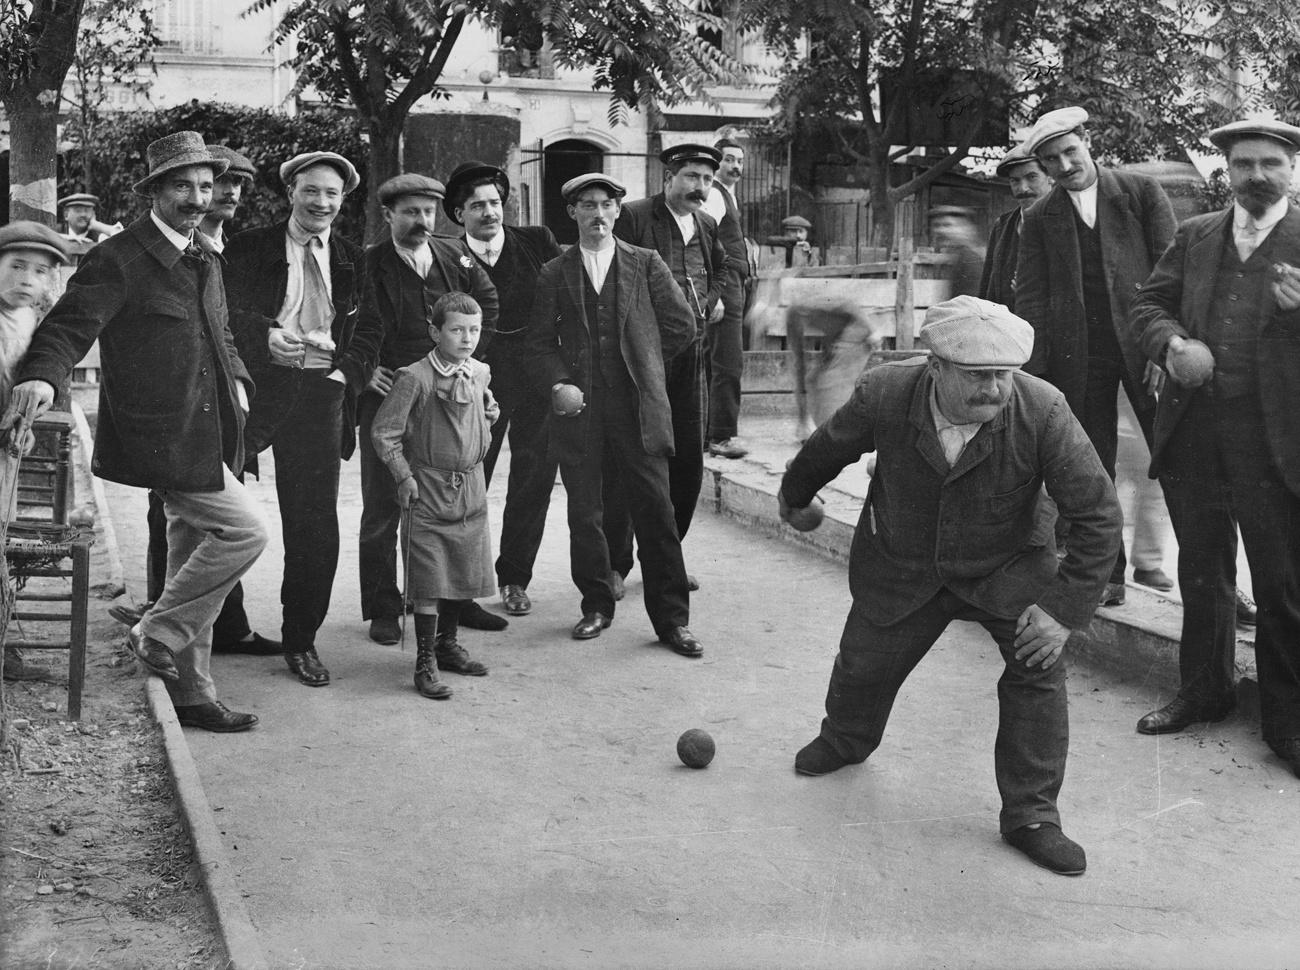 Partie de pétanque, à Paris, en 1900, dans la rue Olivier de Serres, Getty Images